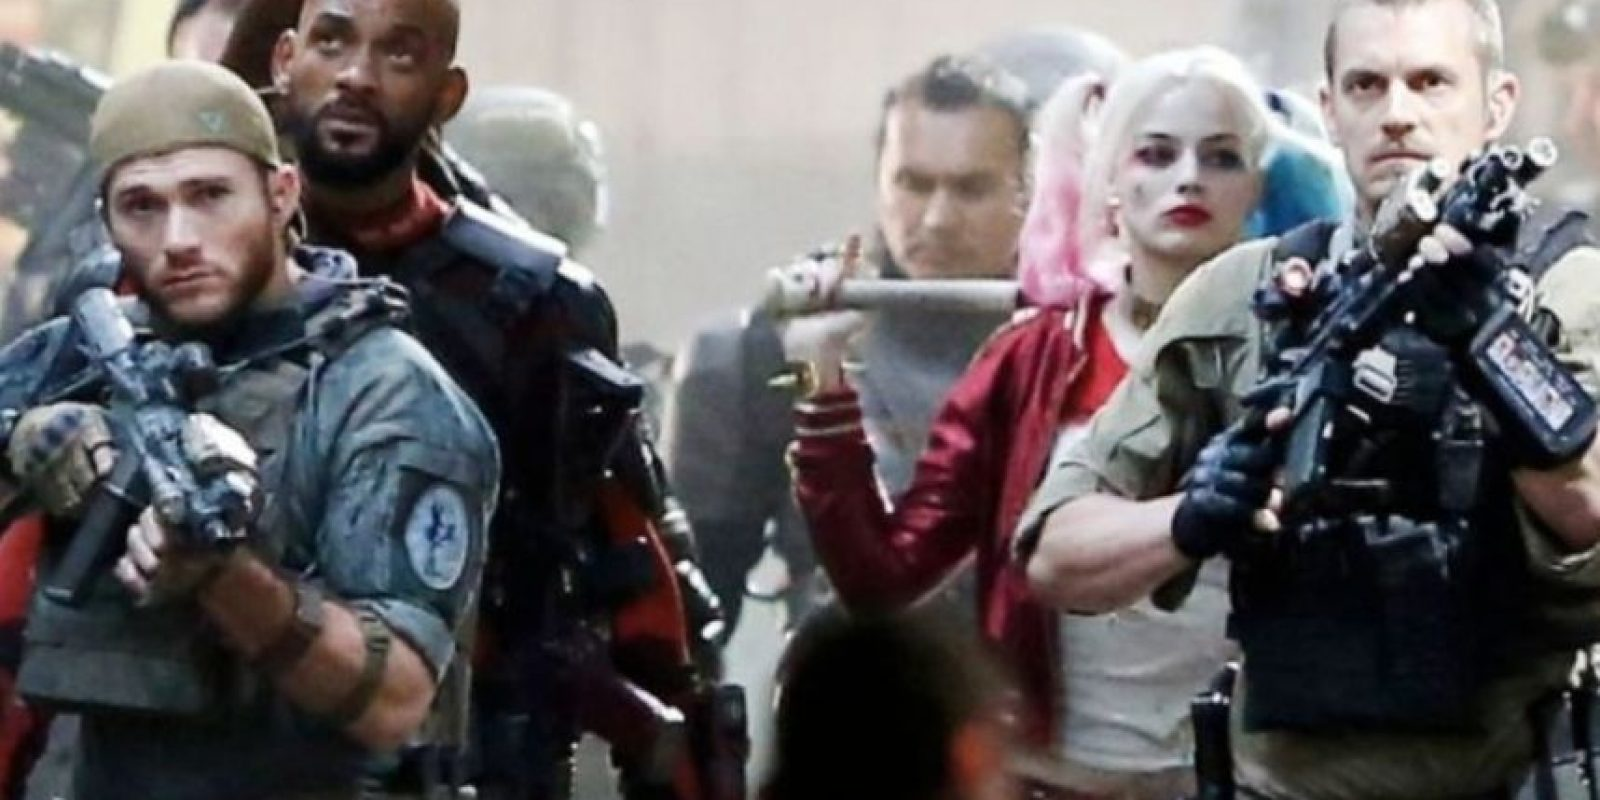 """La historia de origen de Harley Quinn relata que conoció al Joker mientras trabajaba como psiquiatra en el Asilo Arkham, donde """"Joker"""" era un paciente. Foto:Grosby Group"""